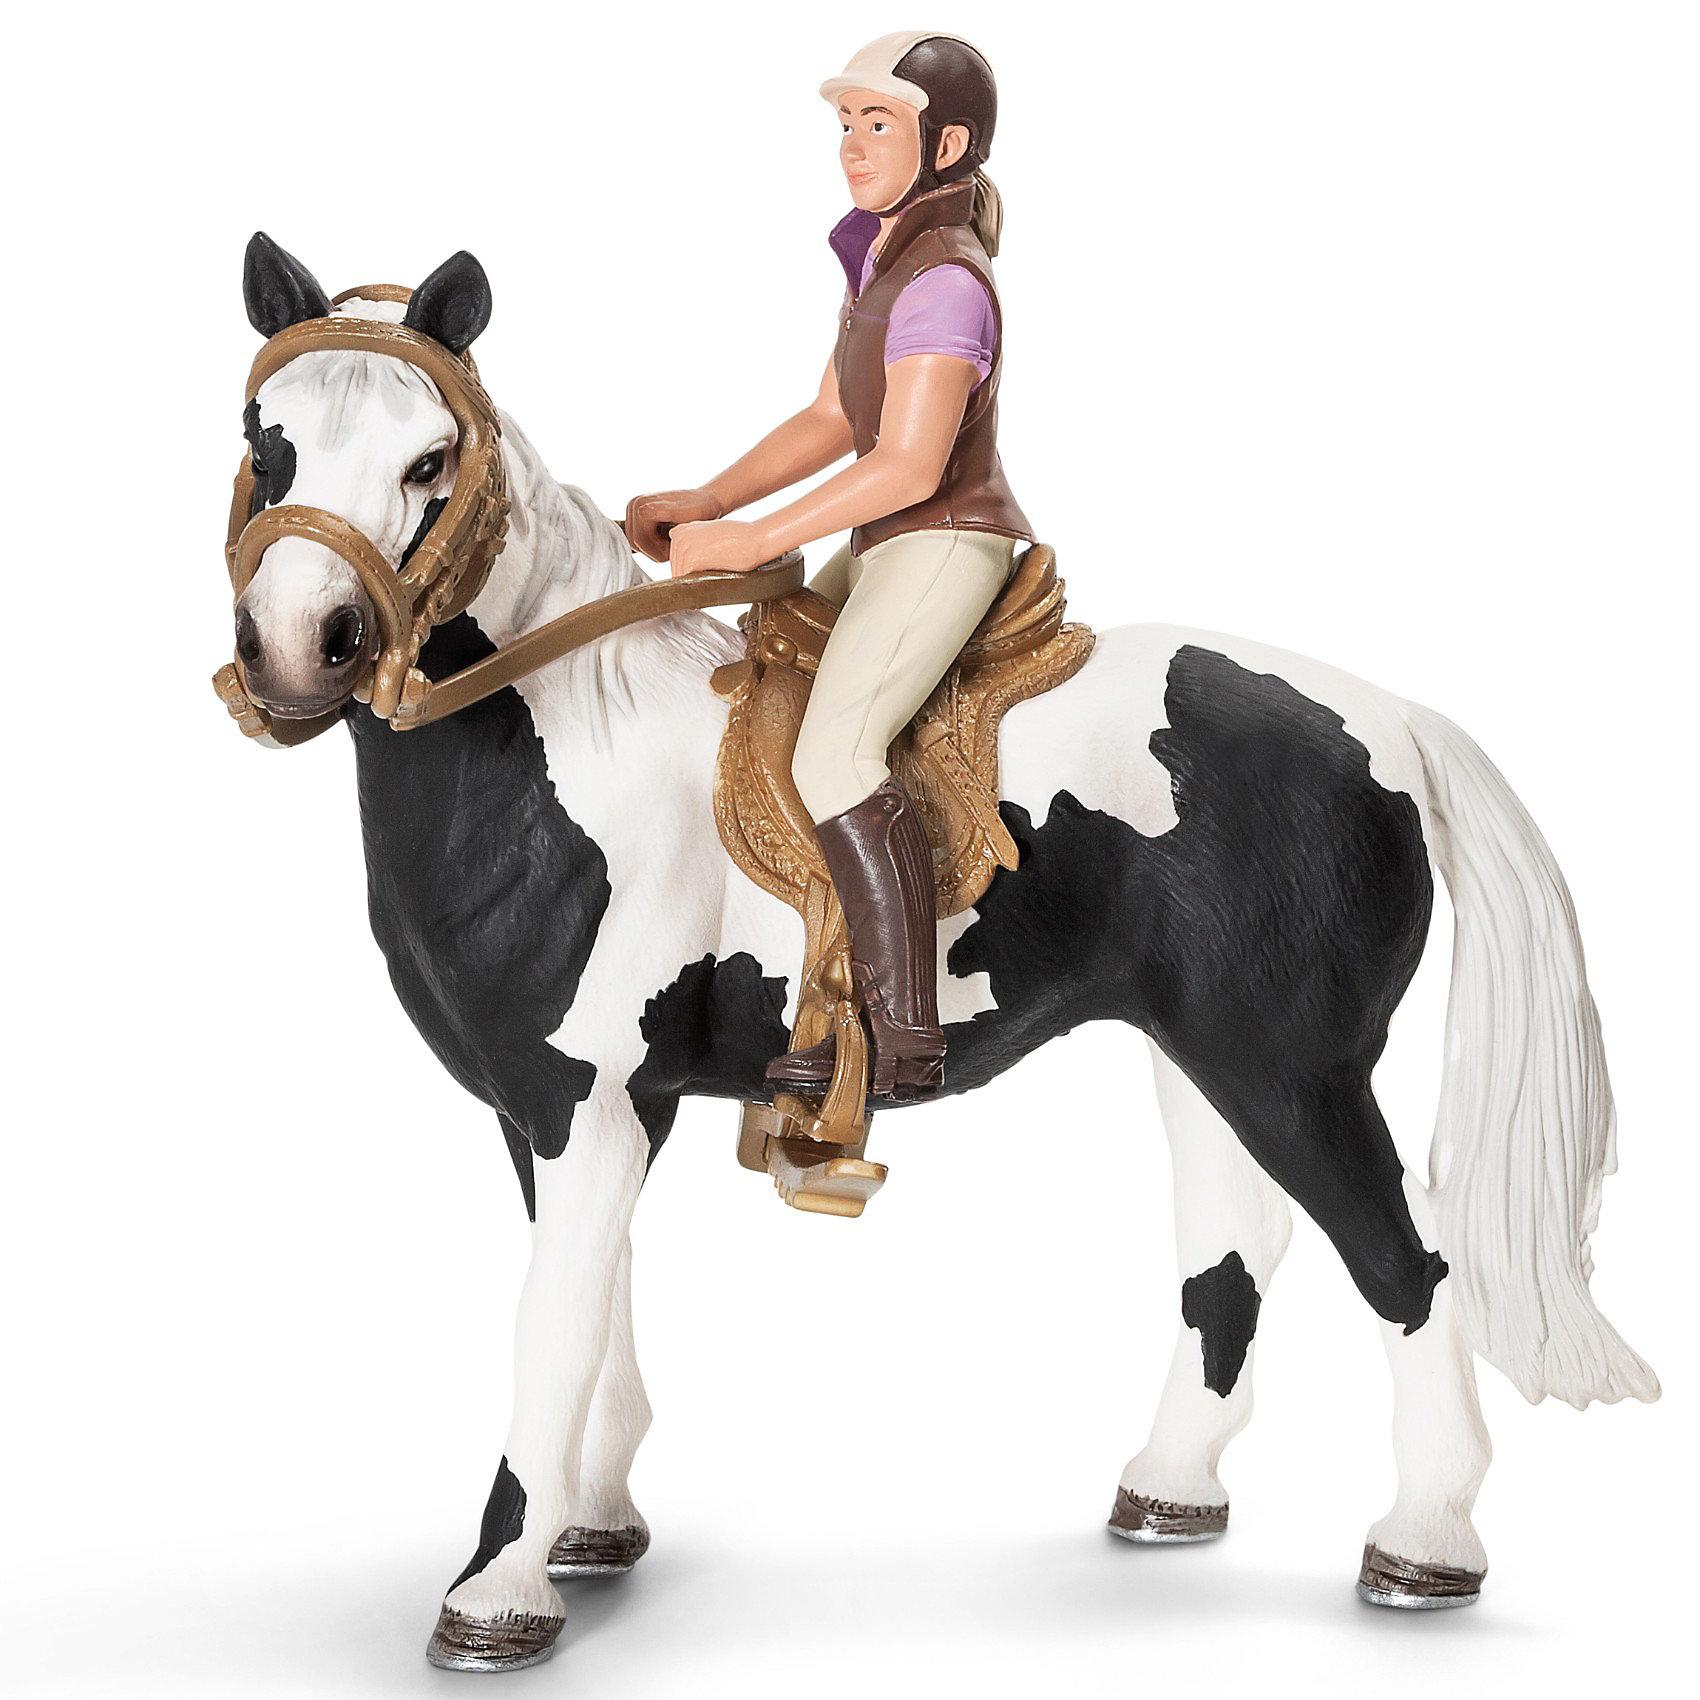 Набор для верховой езды с наездницей (без лошади), SchleichЭльфы и люди<br>Набор для верховой езды с наездницей (без лошади), Schleich (Шляйх). Отважная наездница на прекрасной лошади станет великолепным украшением коллекции игрушек вашего ребенка. Наездница одета в коричневый жилет и сапоги, фиолетовое поло и бежевые брюки.<br><br>Дополнительная информация:<br><br>-размеры (ДхШхВ): 11,6х9х5,5 см<br>-в наборе: наездница с аксессуарами. <br>-ВНИМАНИЕ! Лошадь в комплект не входит. <br>-в наезднице подходит любая лошадь Schleich (Шляйх). <br><br>Чтобы она выиграла, стоит лишь немного её потренировать. Ну что, устроим скачки?<br><br>Набор для верховой езды с наездницей (без лошади), Schleich (Шляйх)  можно купить в нашем магазине<br><br>Ширина мм: 117<br>Глубина мм: 91<br>Высота мм: 58<br>Вес г: 49<br>Возраст от месяцев: 36<br>Возраст до месяцев: 96<br>Пол: Женский<br>Возраст: Детский<br>SKU: 3164154